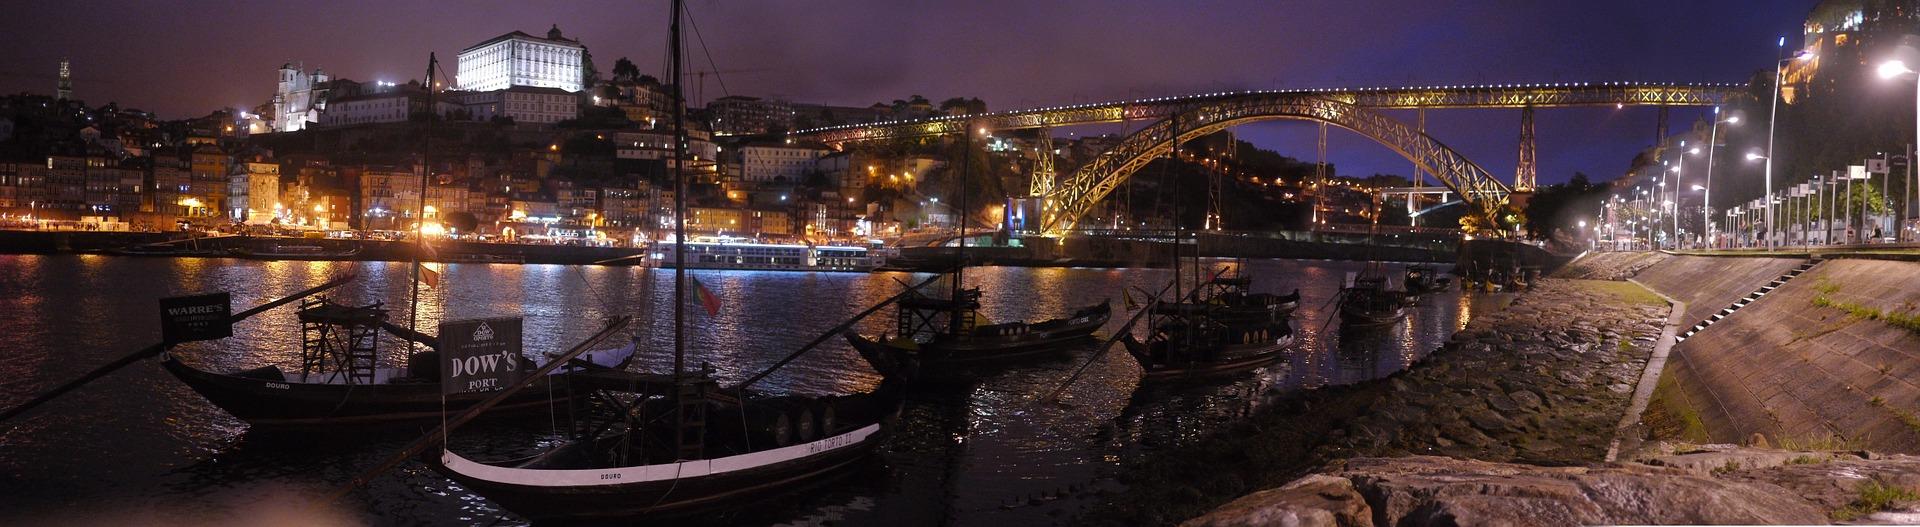 טיול אופניים בפורטוגל: המסלולים המומלצים ביותר